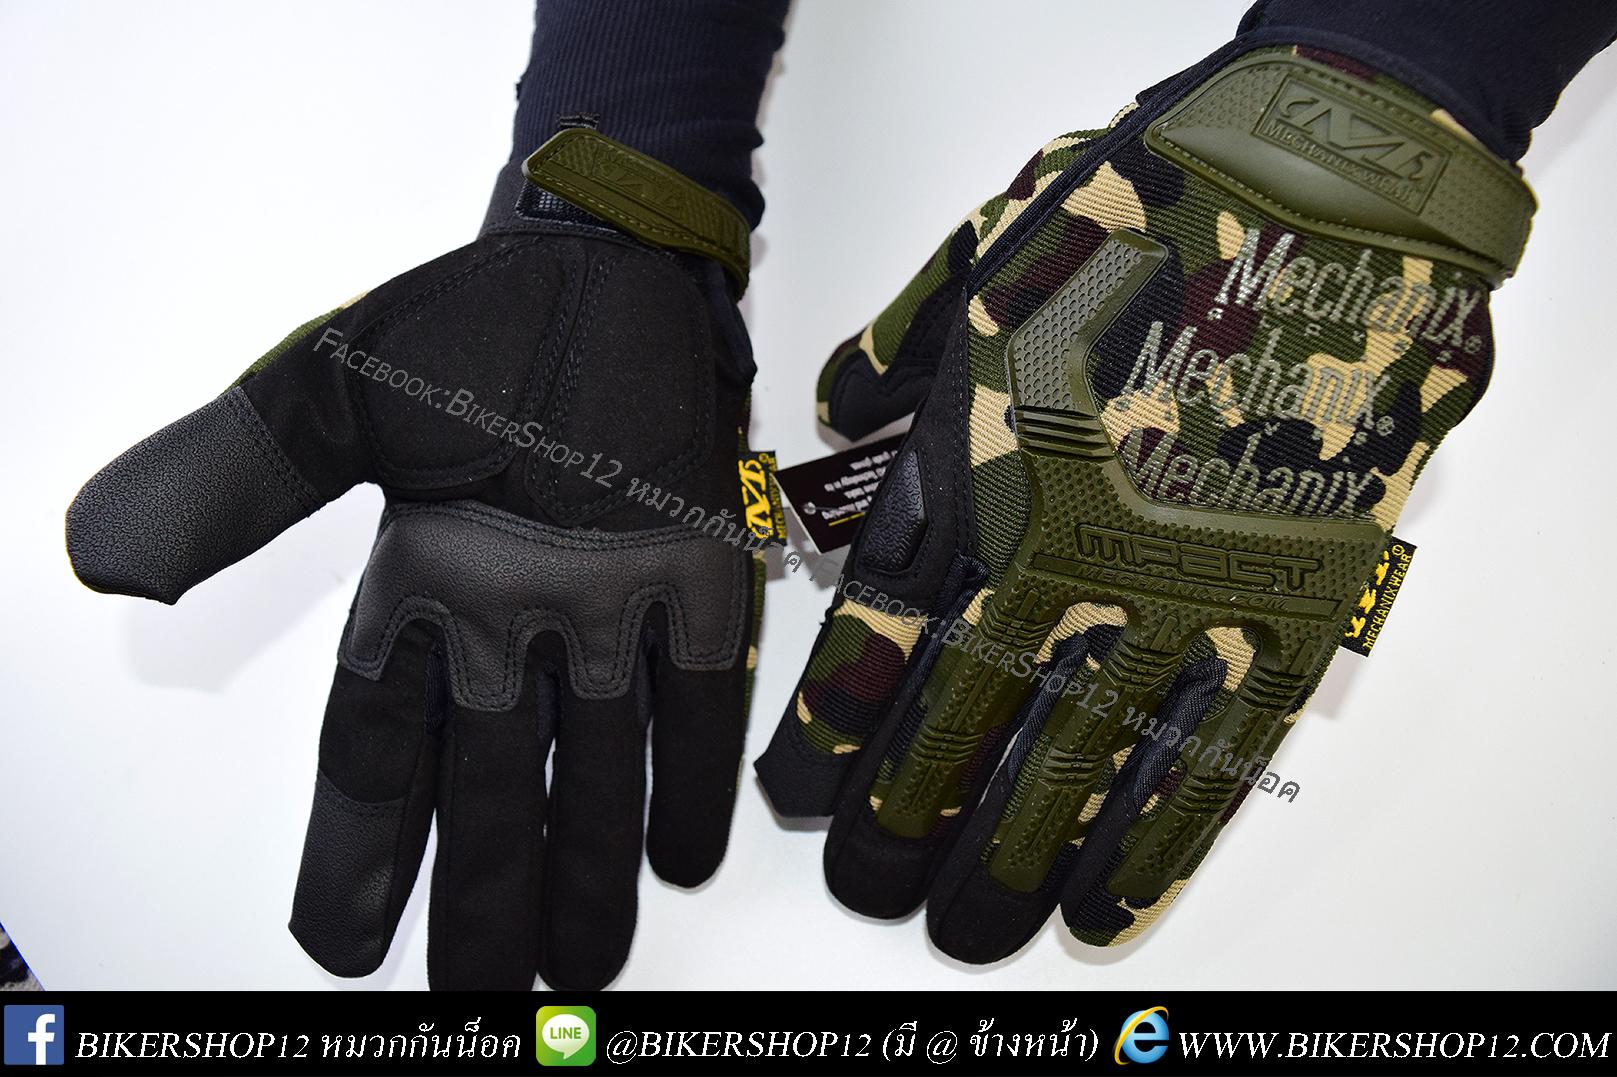 ถุงมือทหาร สีเขียวลายพราง